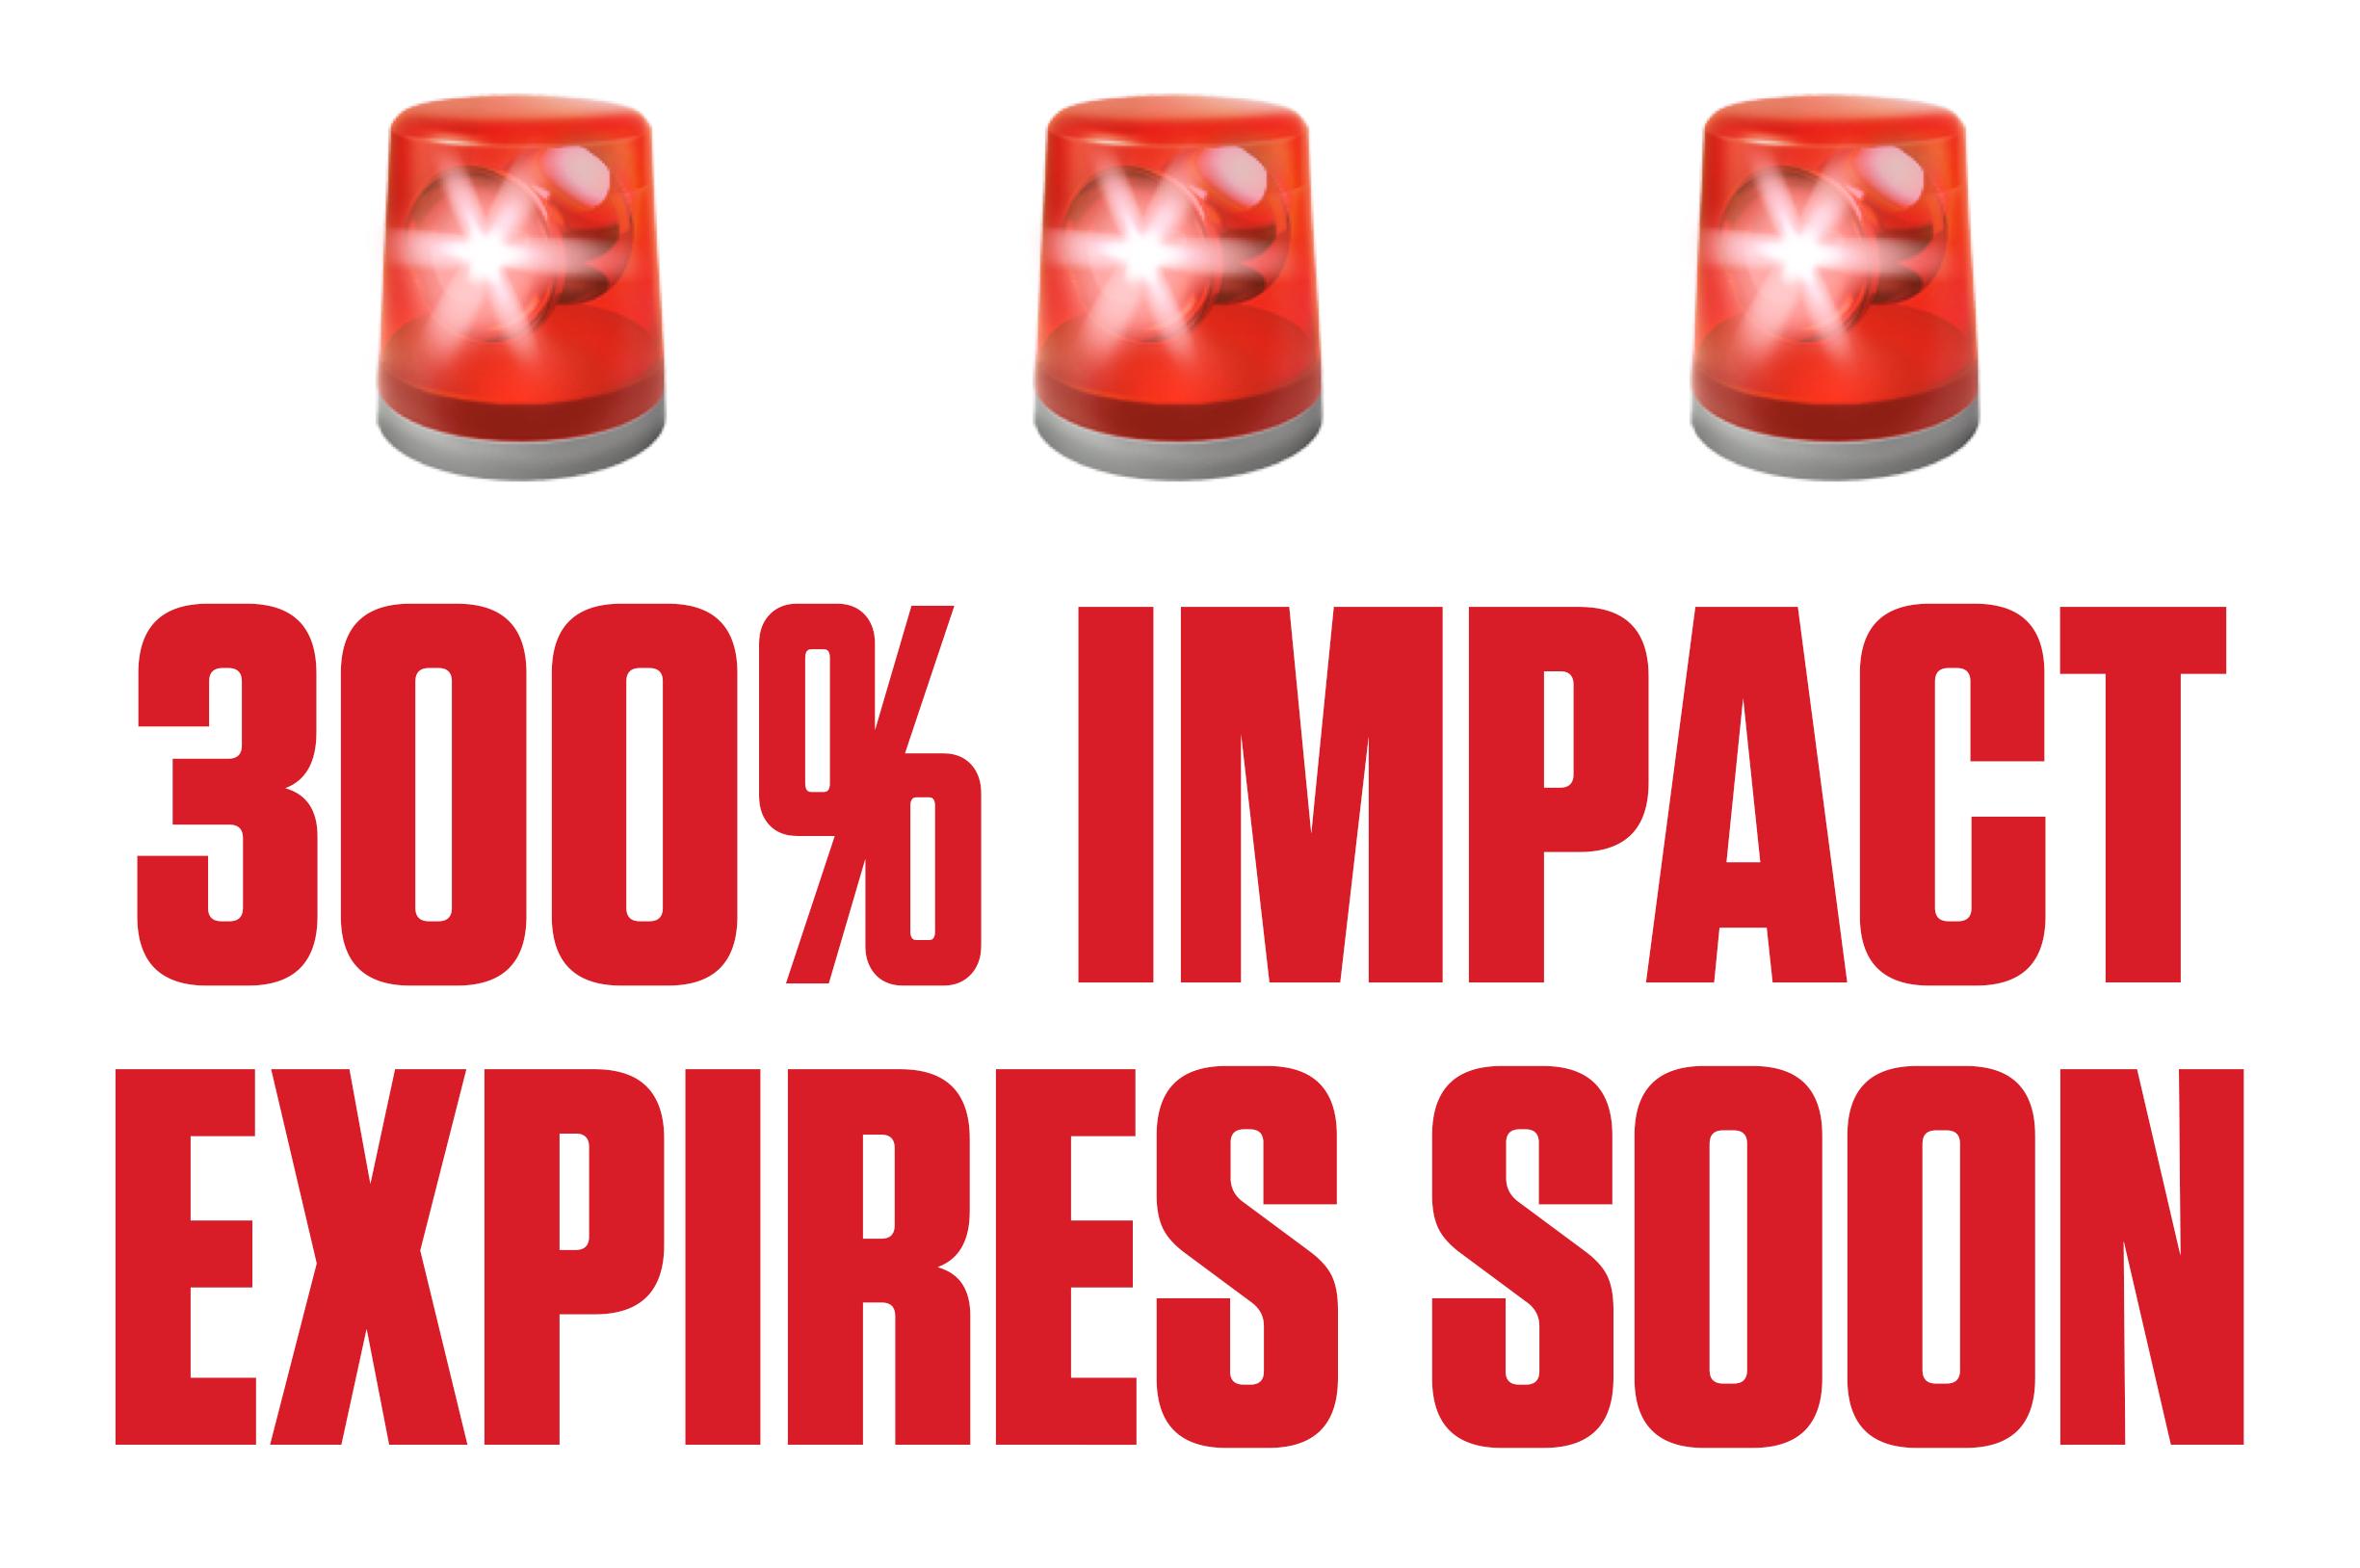 300% IMPACT EXPIRES SOON